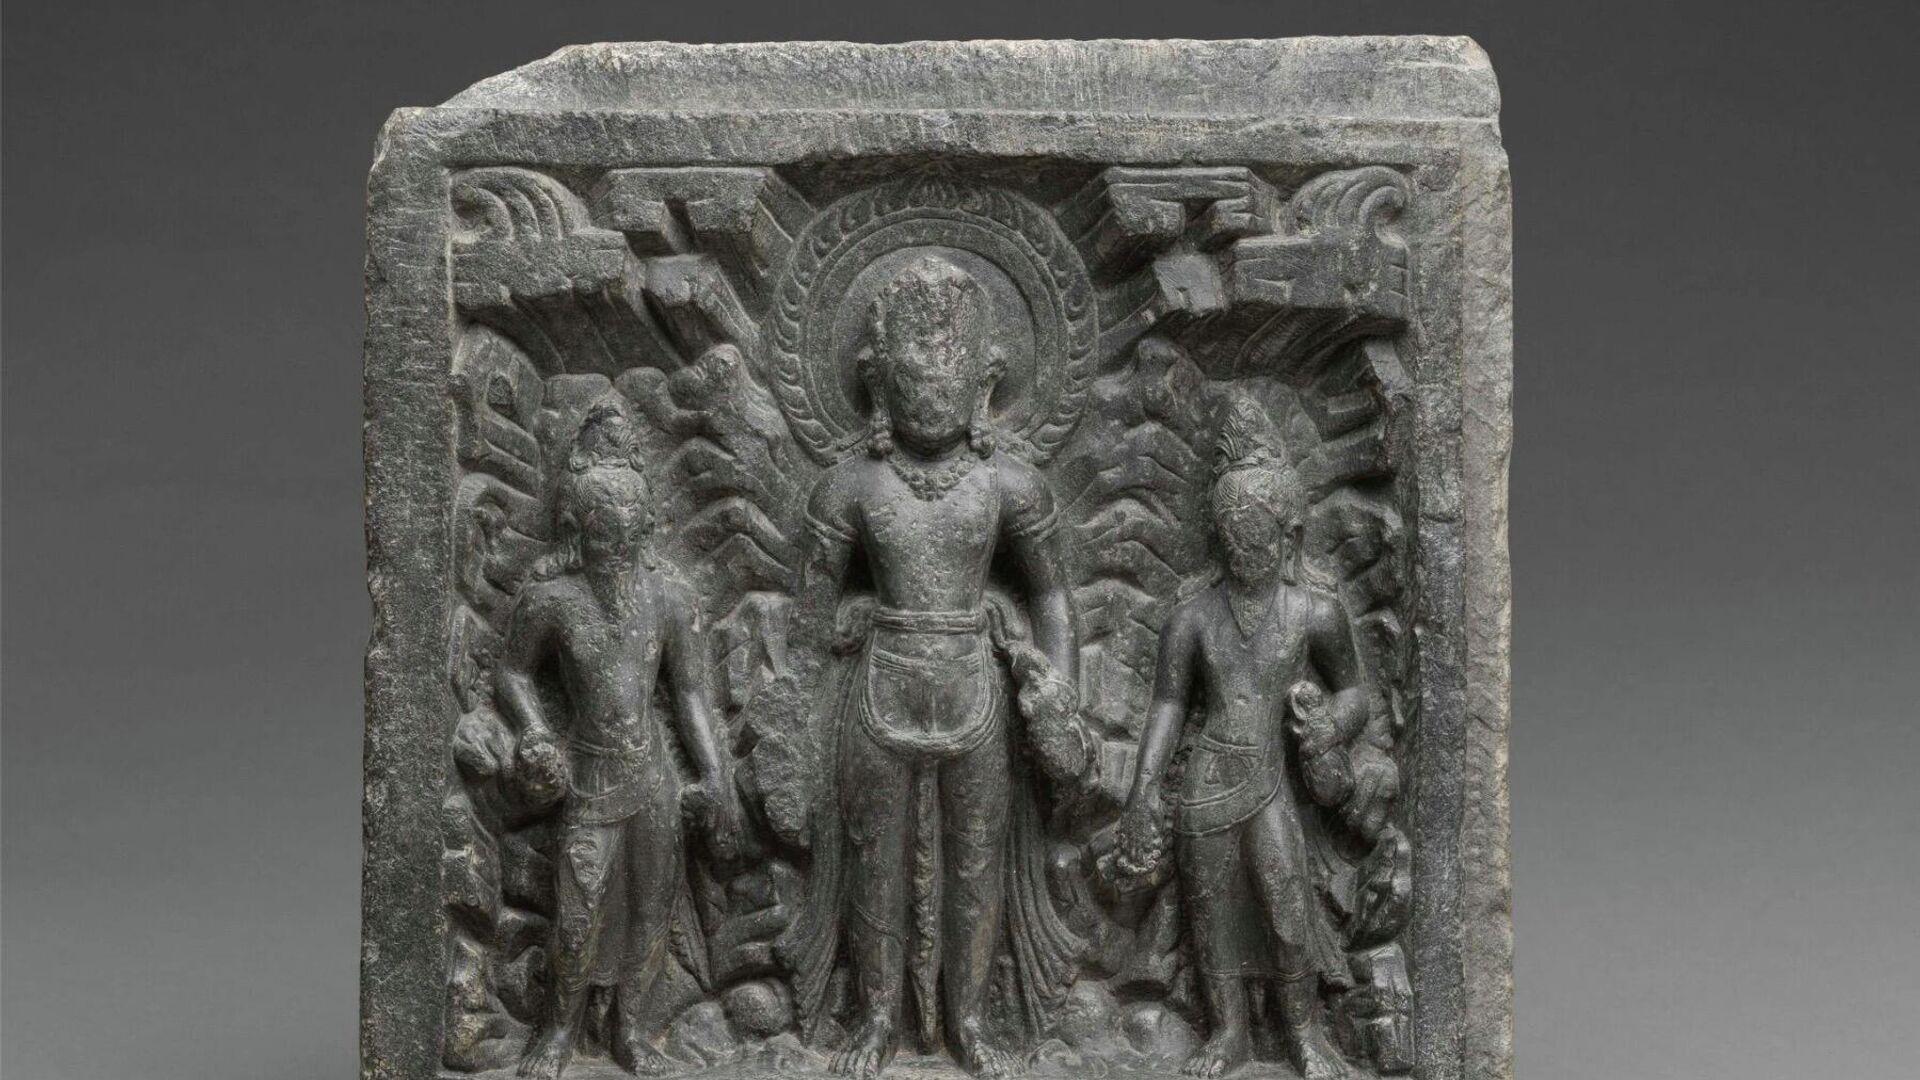 Скульптура индуистского божества Шивы X века - РИА Новости, 1920, 02.10.2021